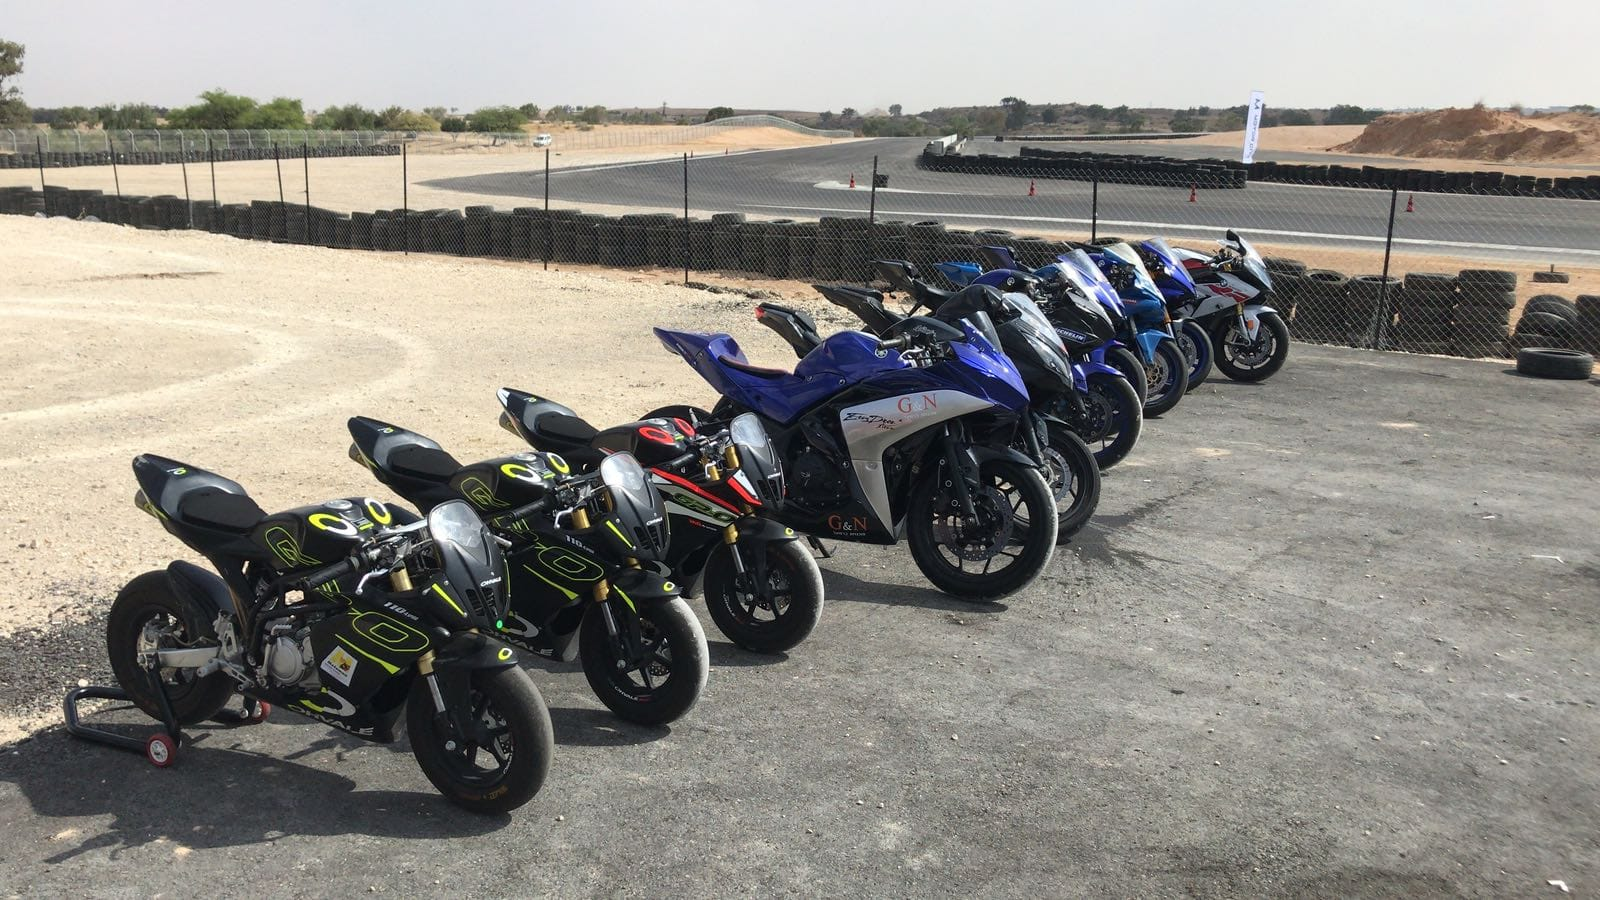 אופנועי המרוץ של בית הספר הישראלי לסופרבייק